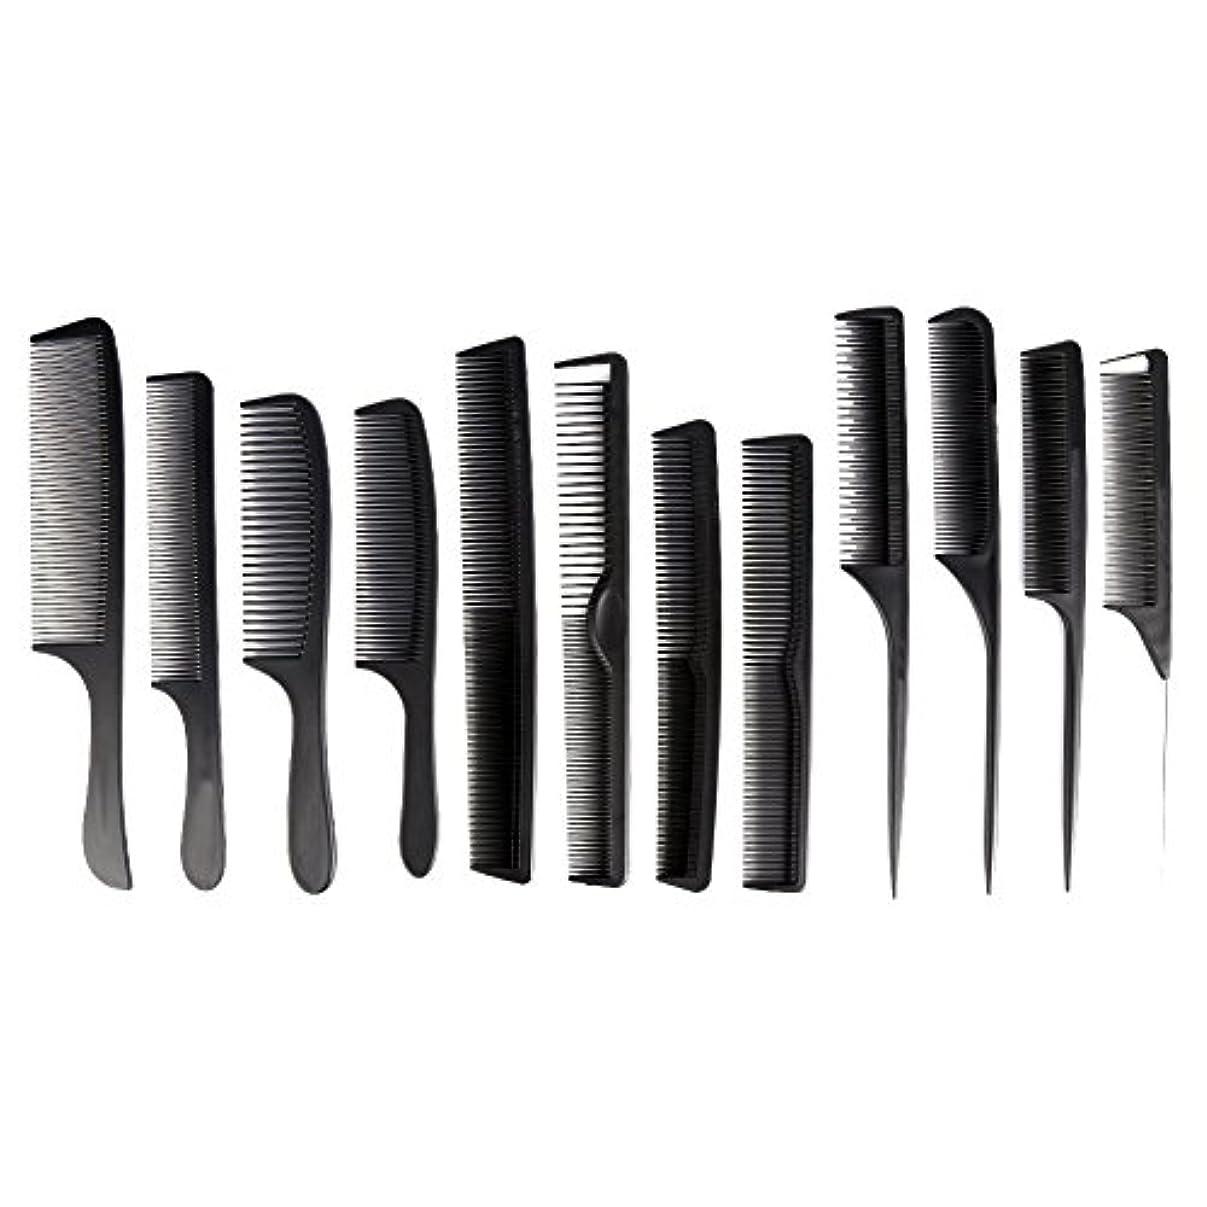 下位欠乏裏切るカットコーム 散髪用コーム コームセット12点セット プロ用ヘアコーム  静電気減少 軽量 サロン/美容室/床屋など適用